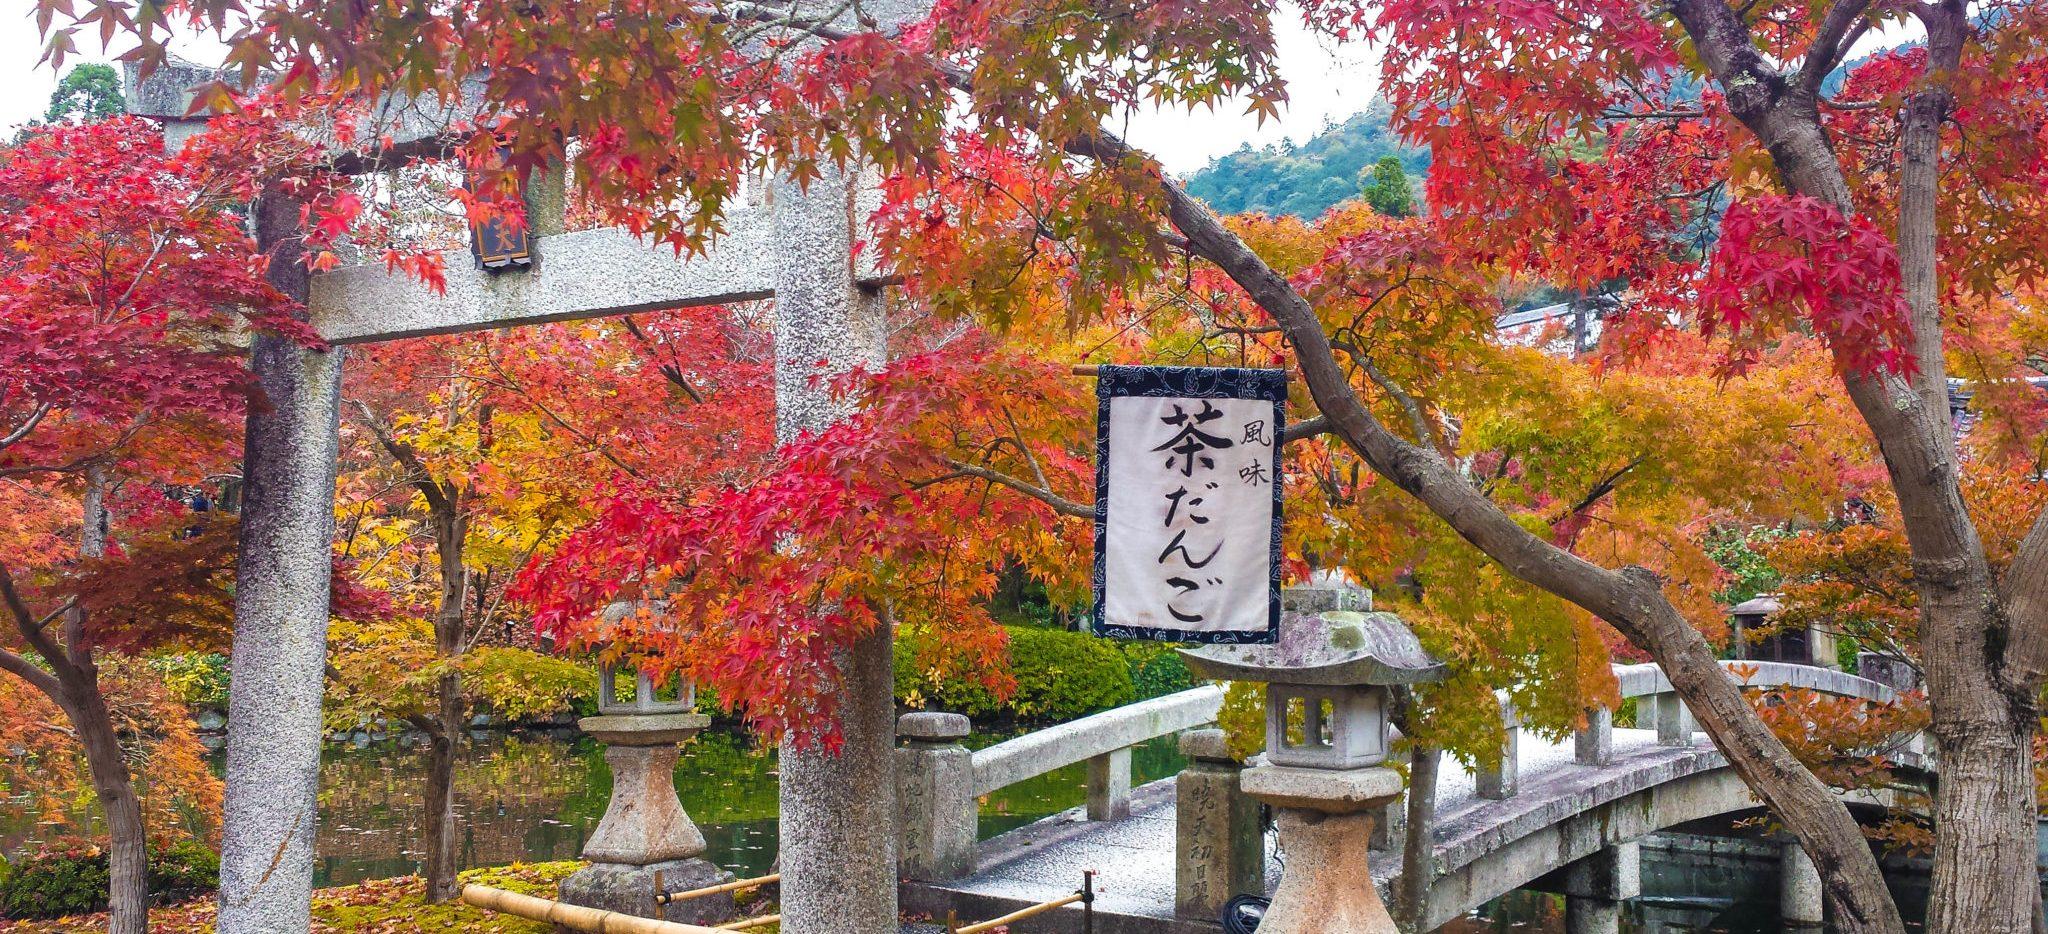 Herbst in Japan